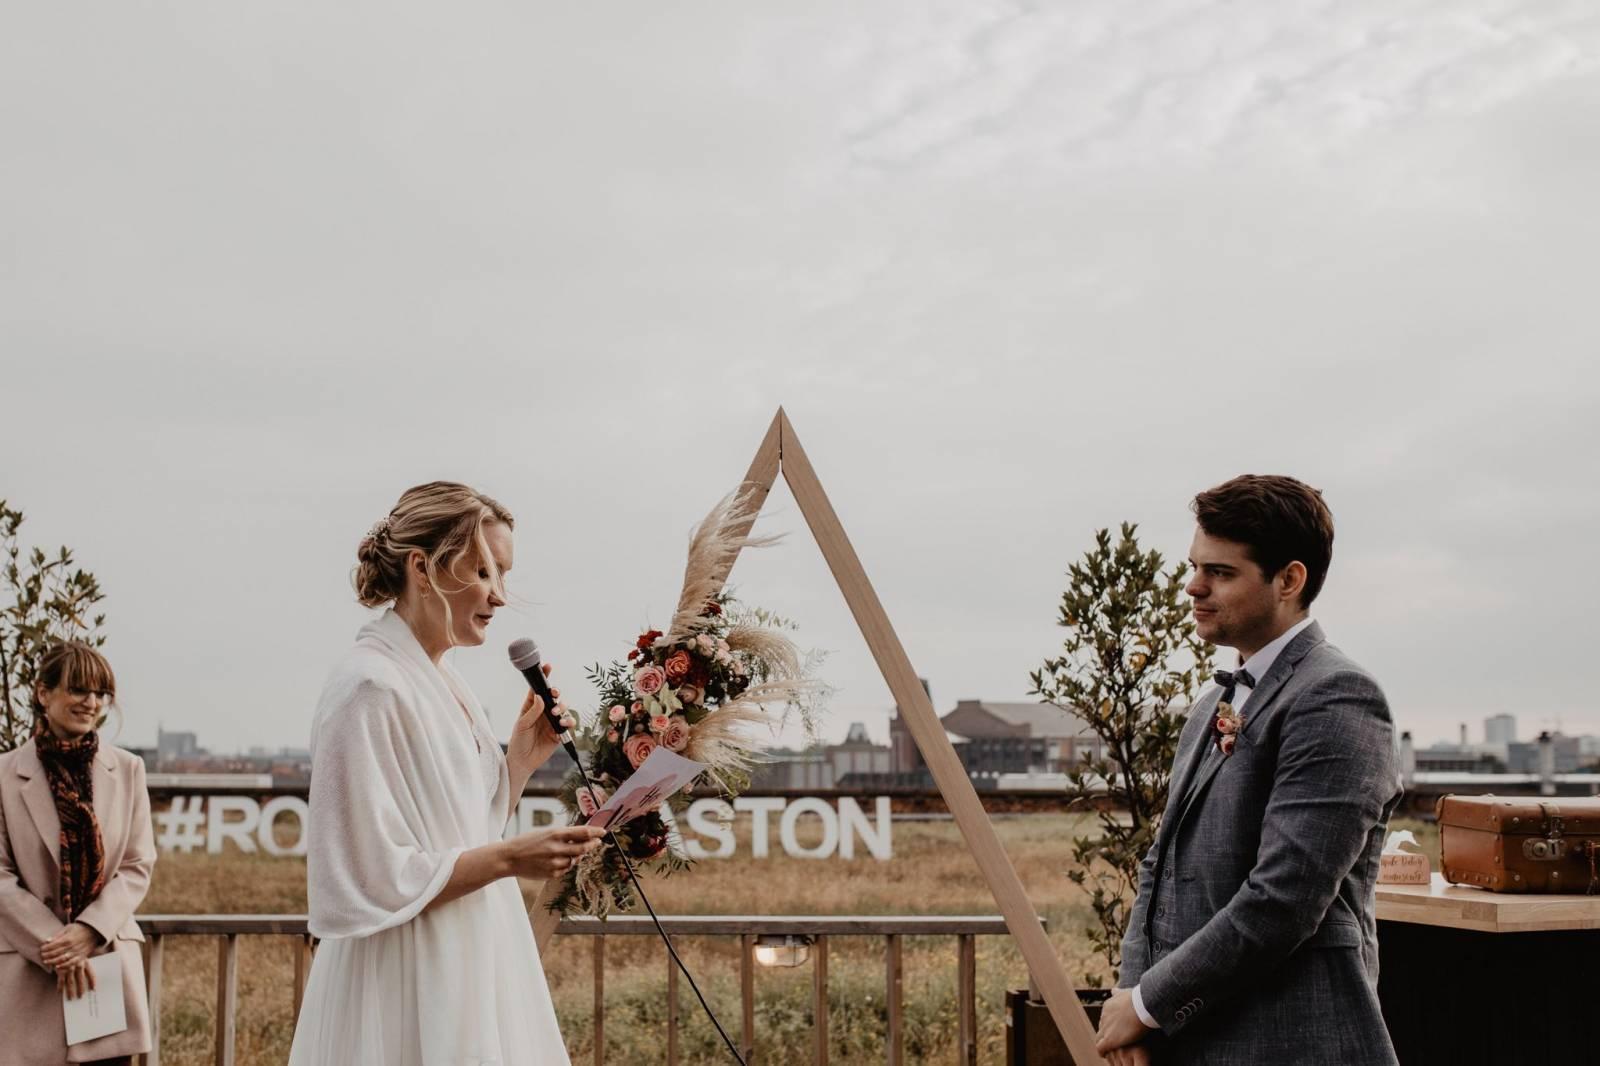 Woorden van Eva - Ceremoniespreker - Fotograaf Anneleen Jegers Photography - House of Weddings - 5